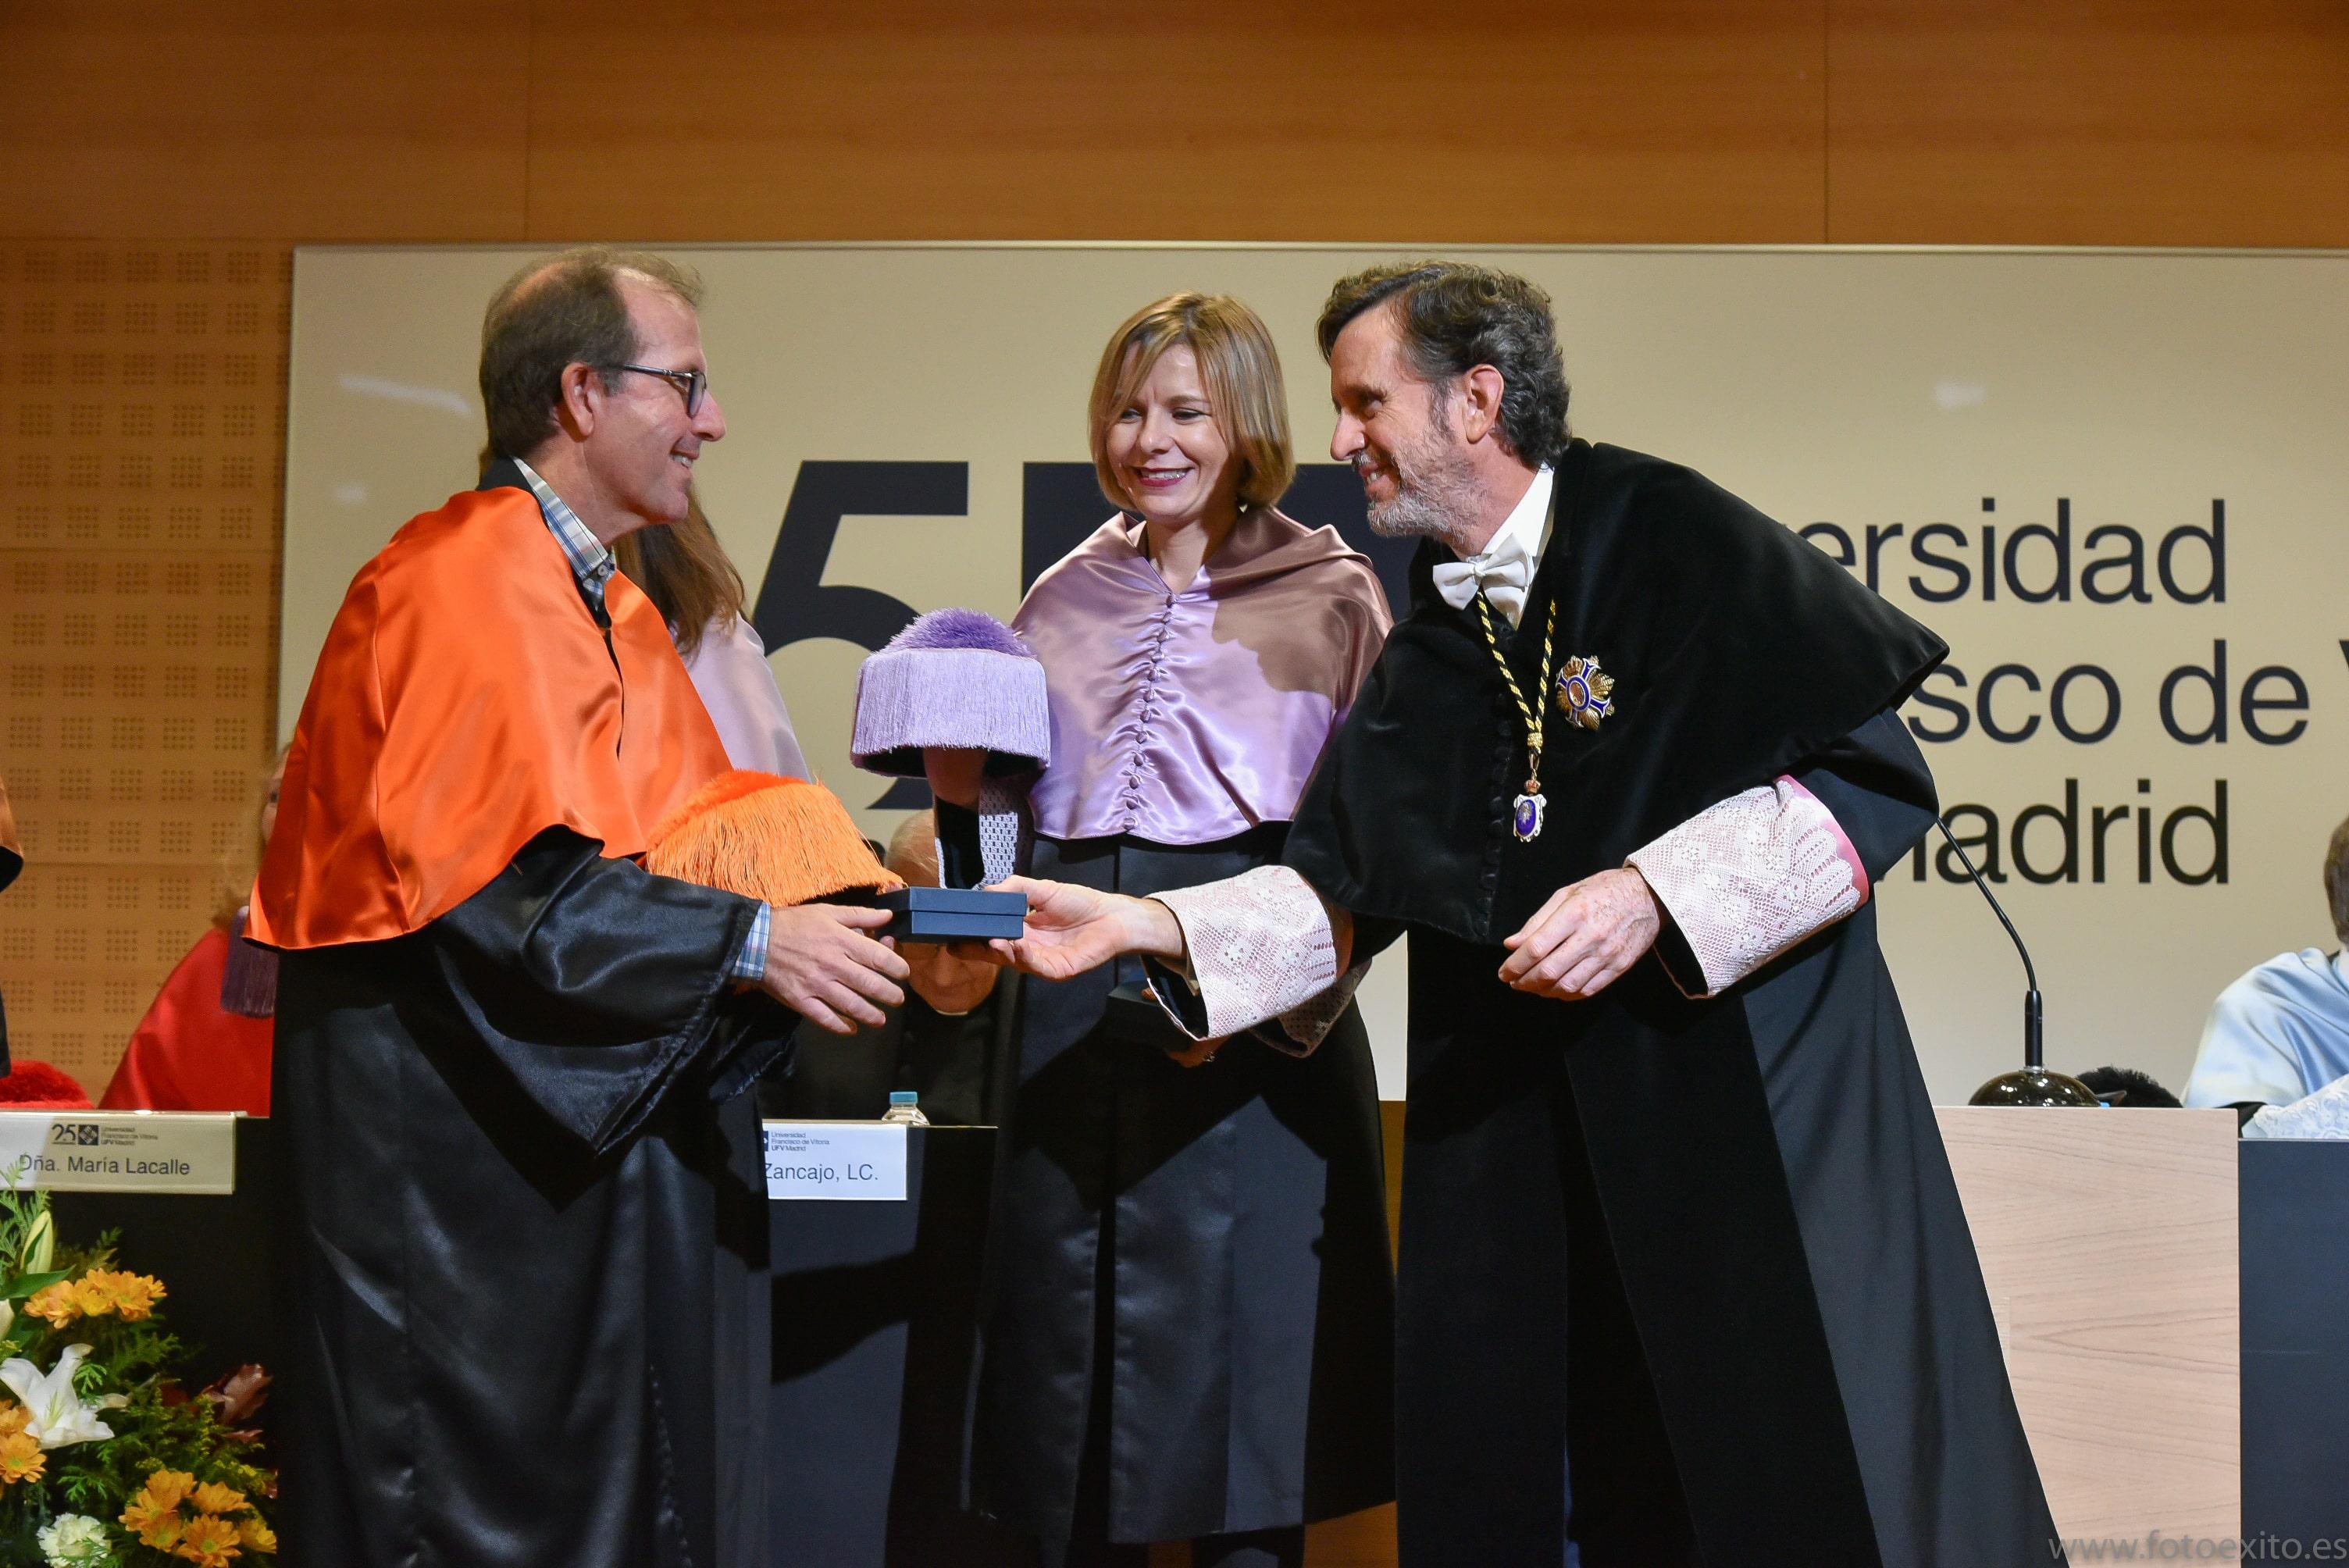 180928 UFV 511 min Actos académicos curso 2018/2019 Estudiar en Universidad Privada Madrid